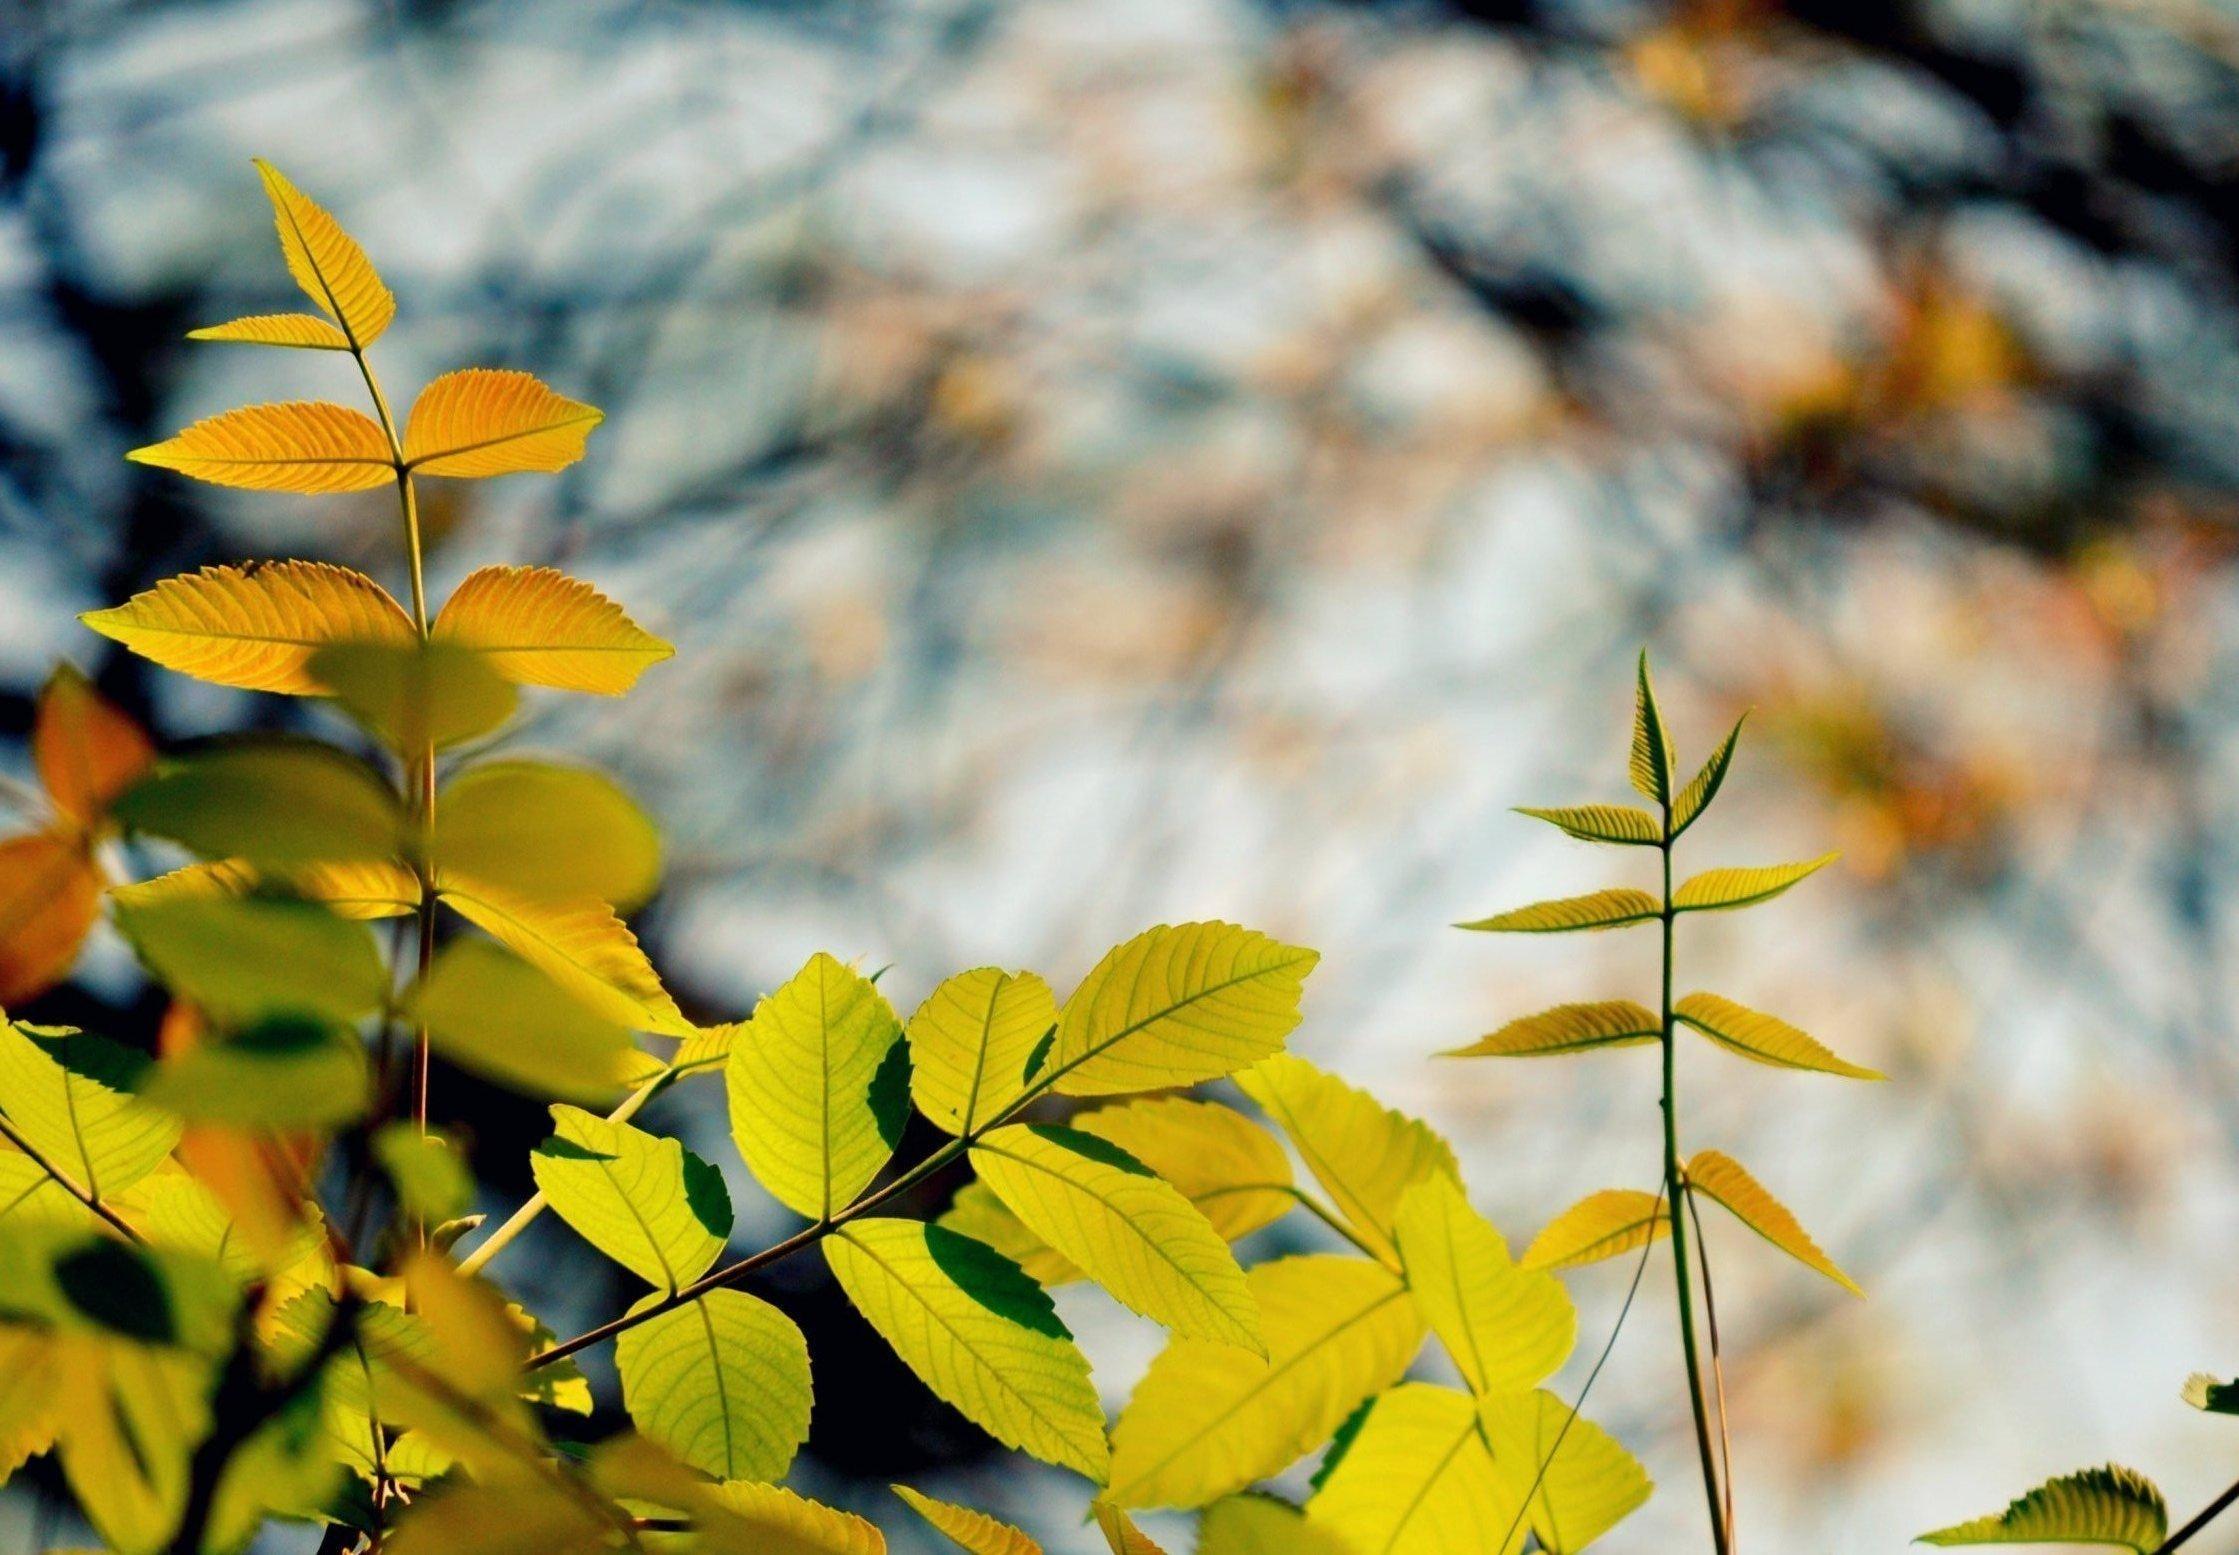 Картинка: Листья, ветки, размытый фон